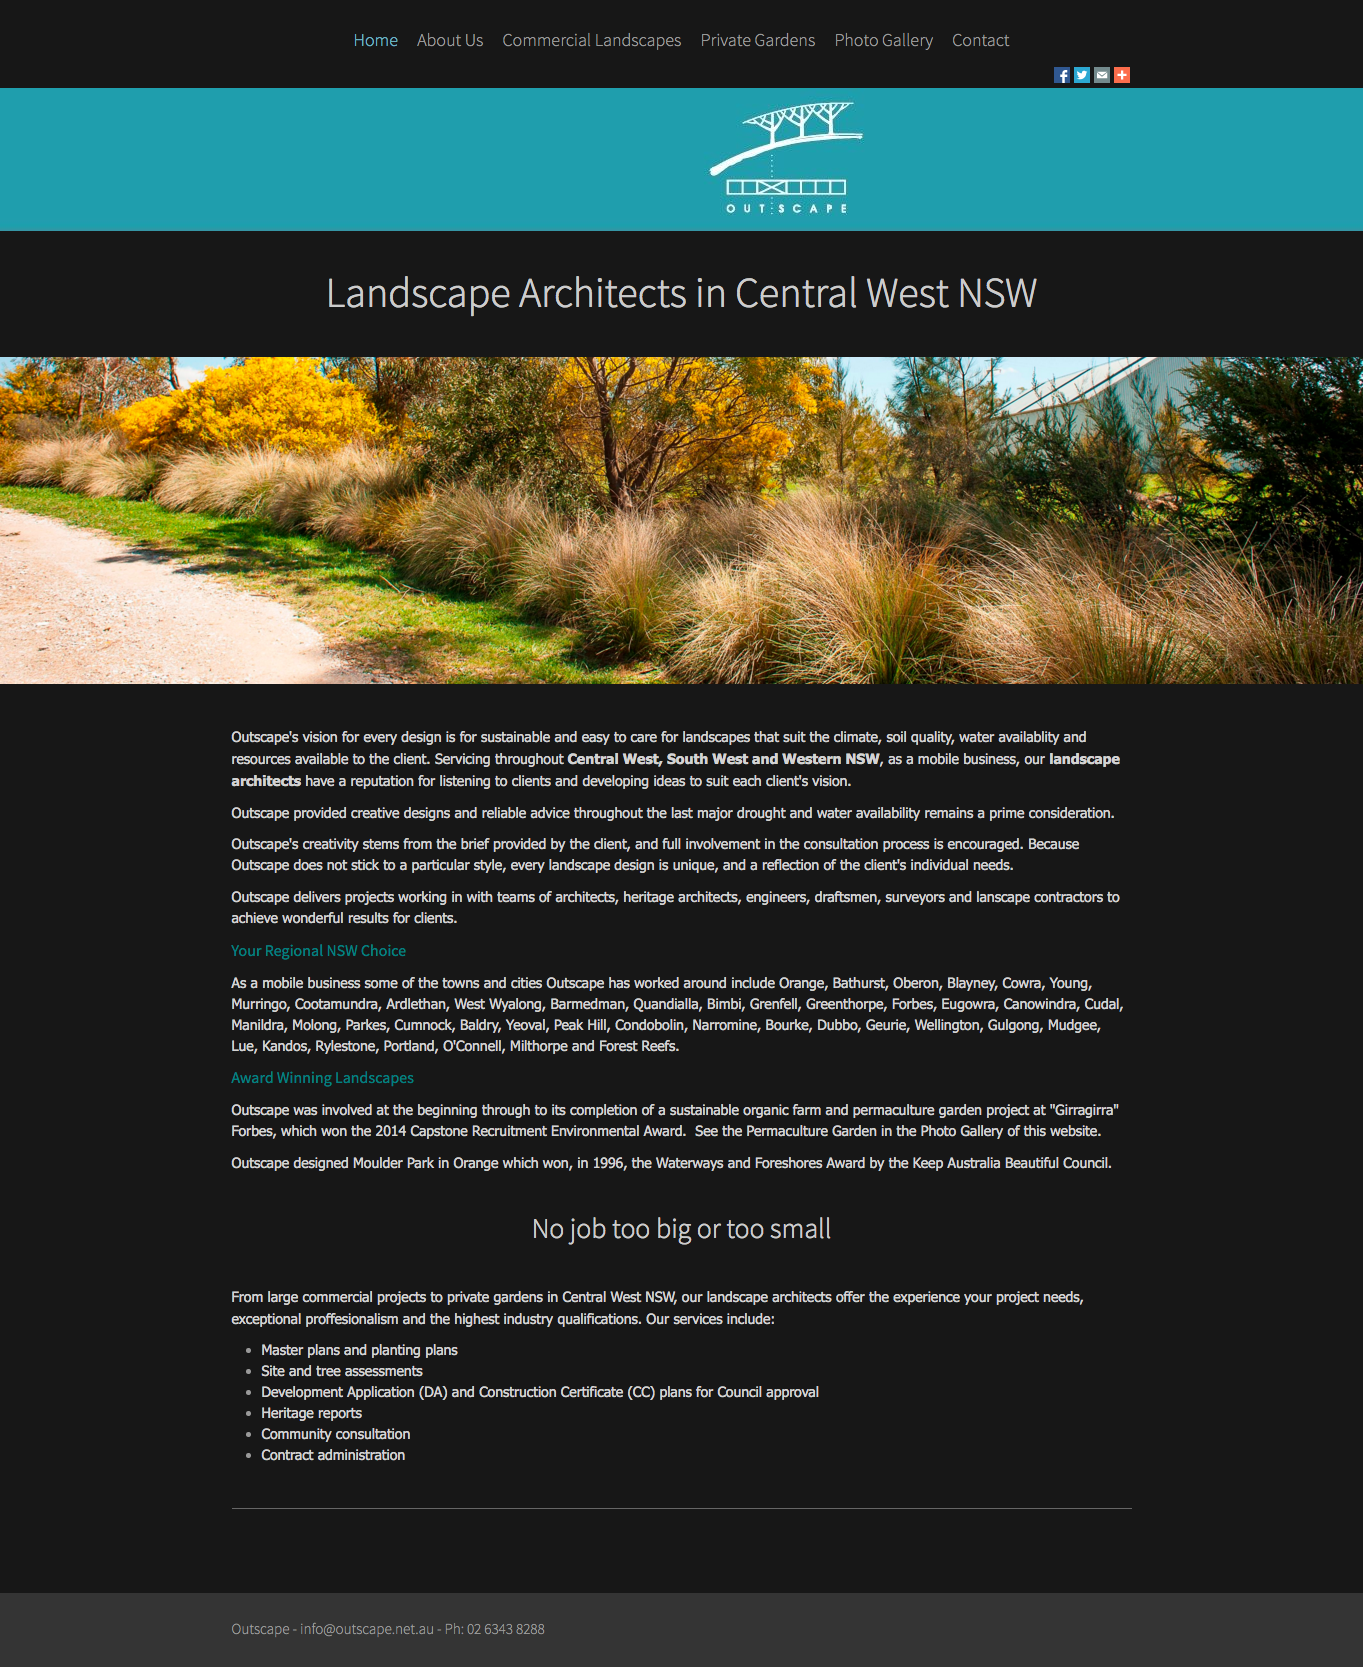 Landscape designers - Landscape architect Central West NSW – Outscape